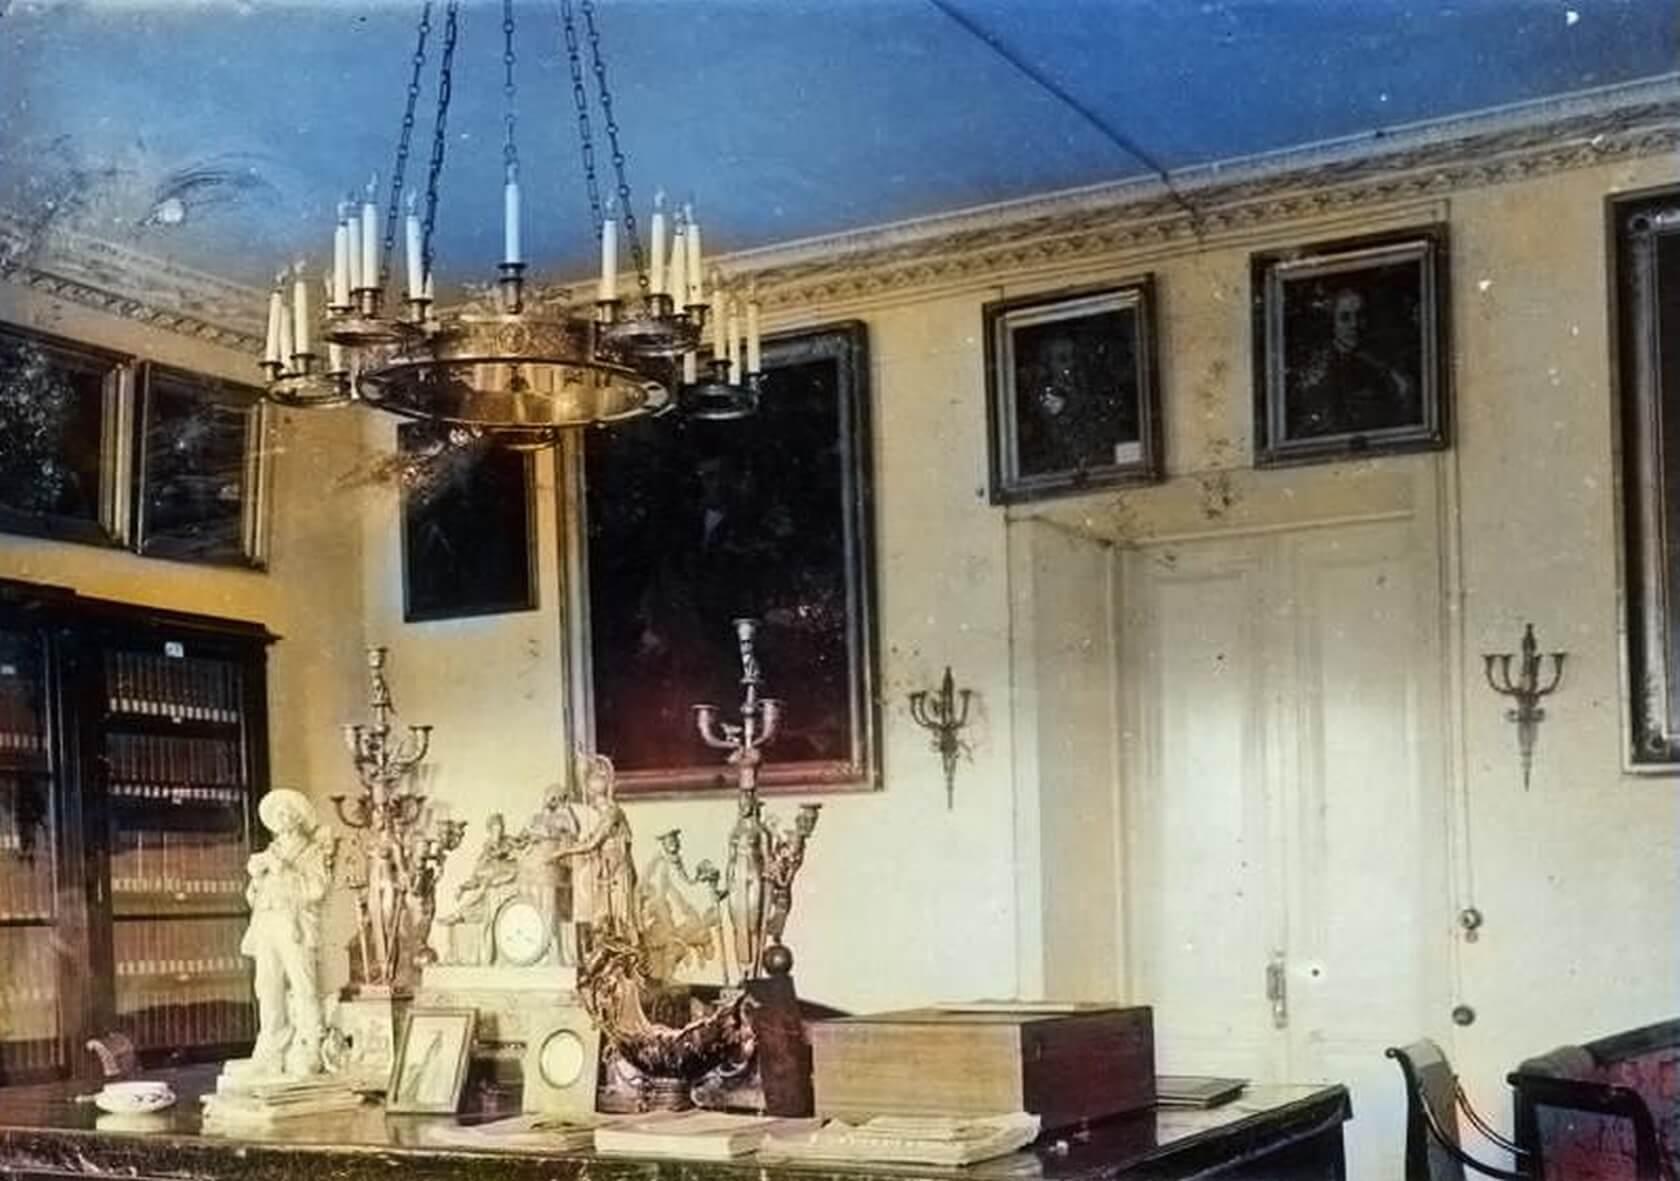 Усадьба Дубровицы. Кабинет и библиотека. Фото начала XX века. Колоризация